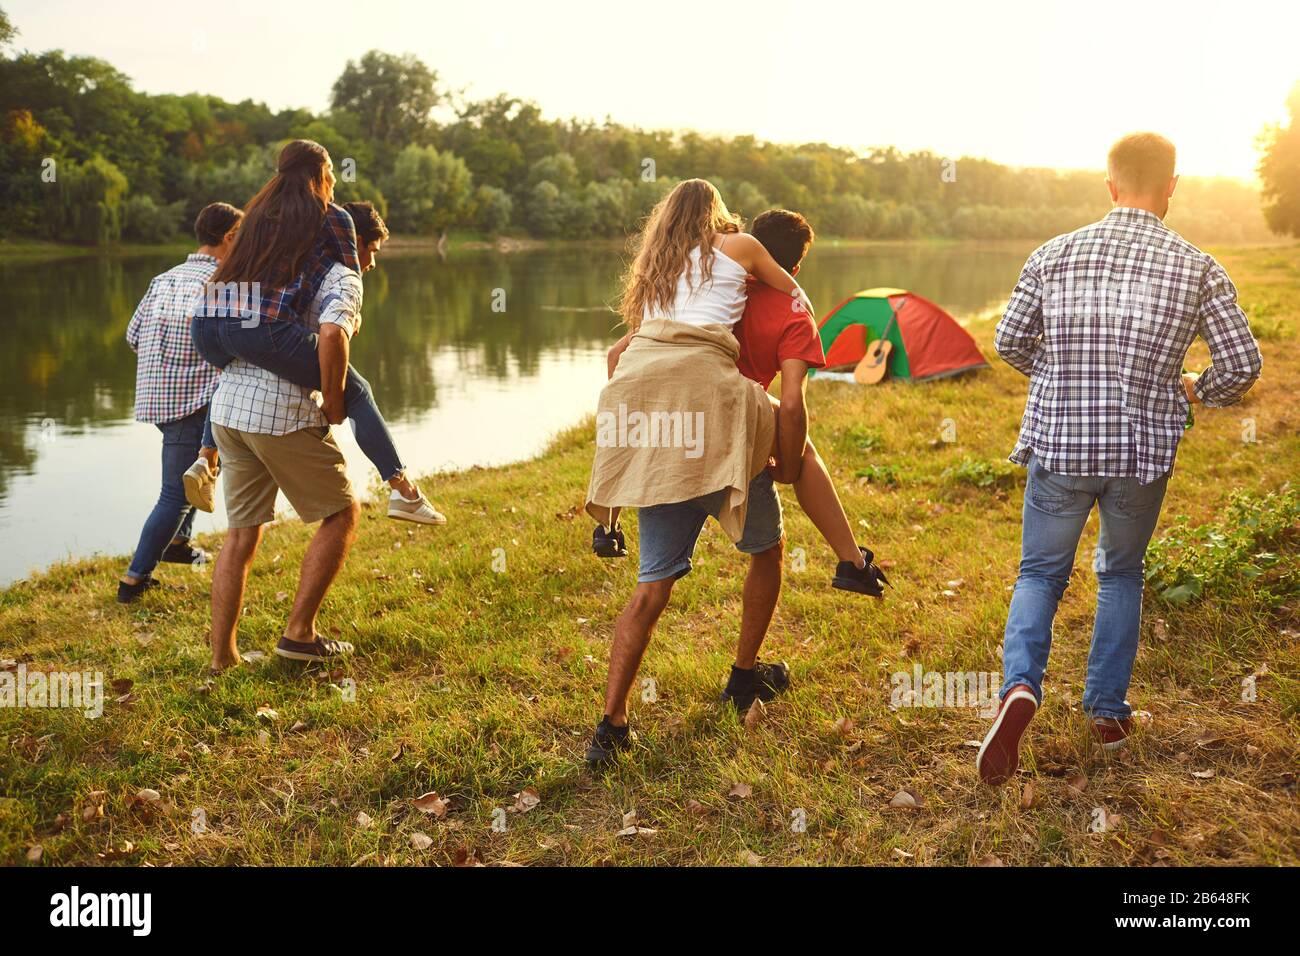 Freunde viel Spaß entlang der See auf einem Picknick. Stockfoto